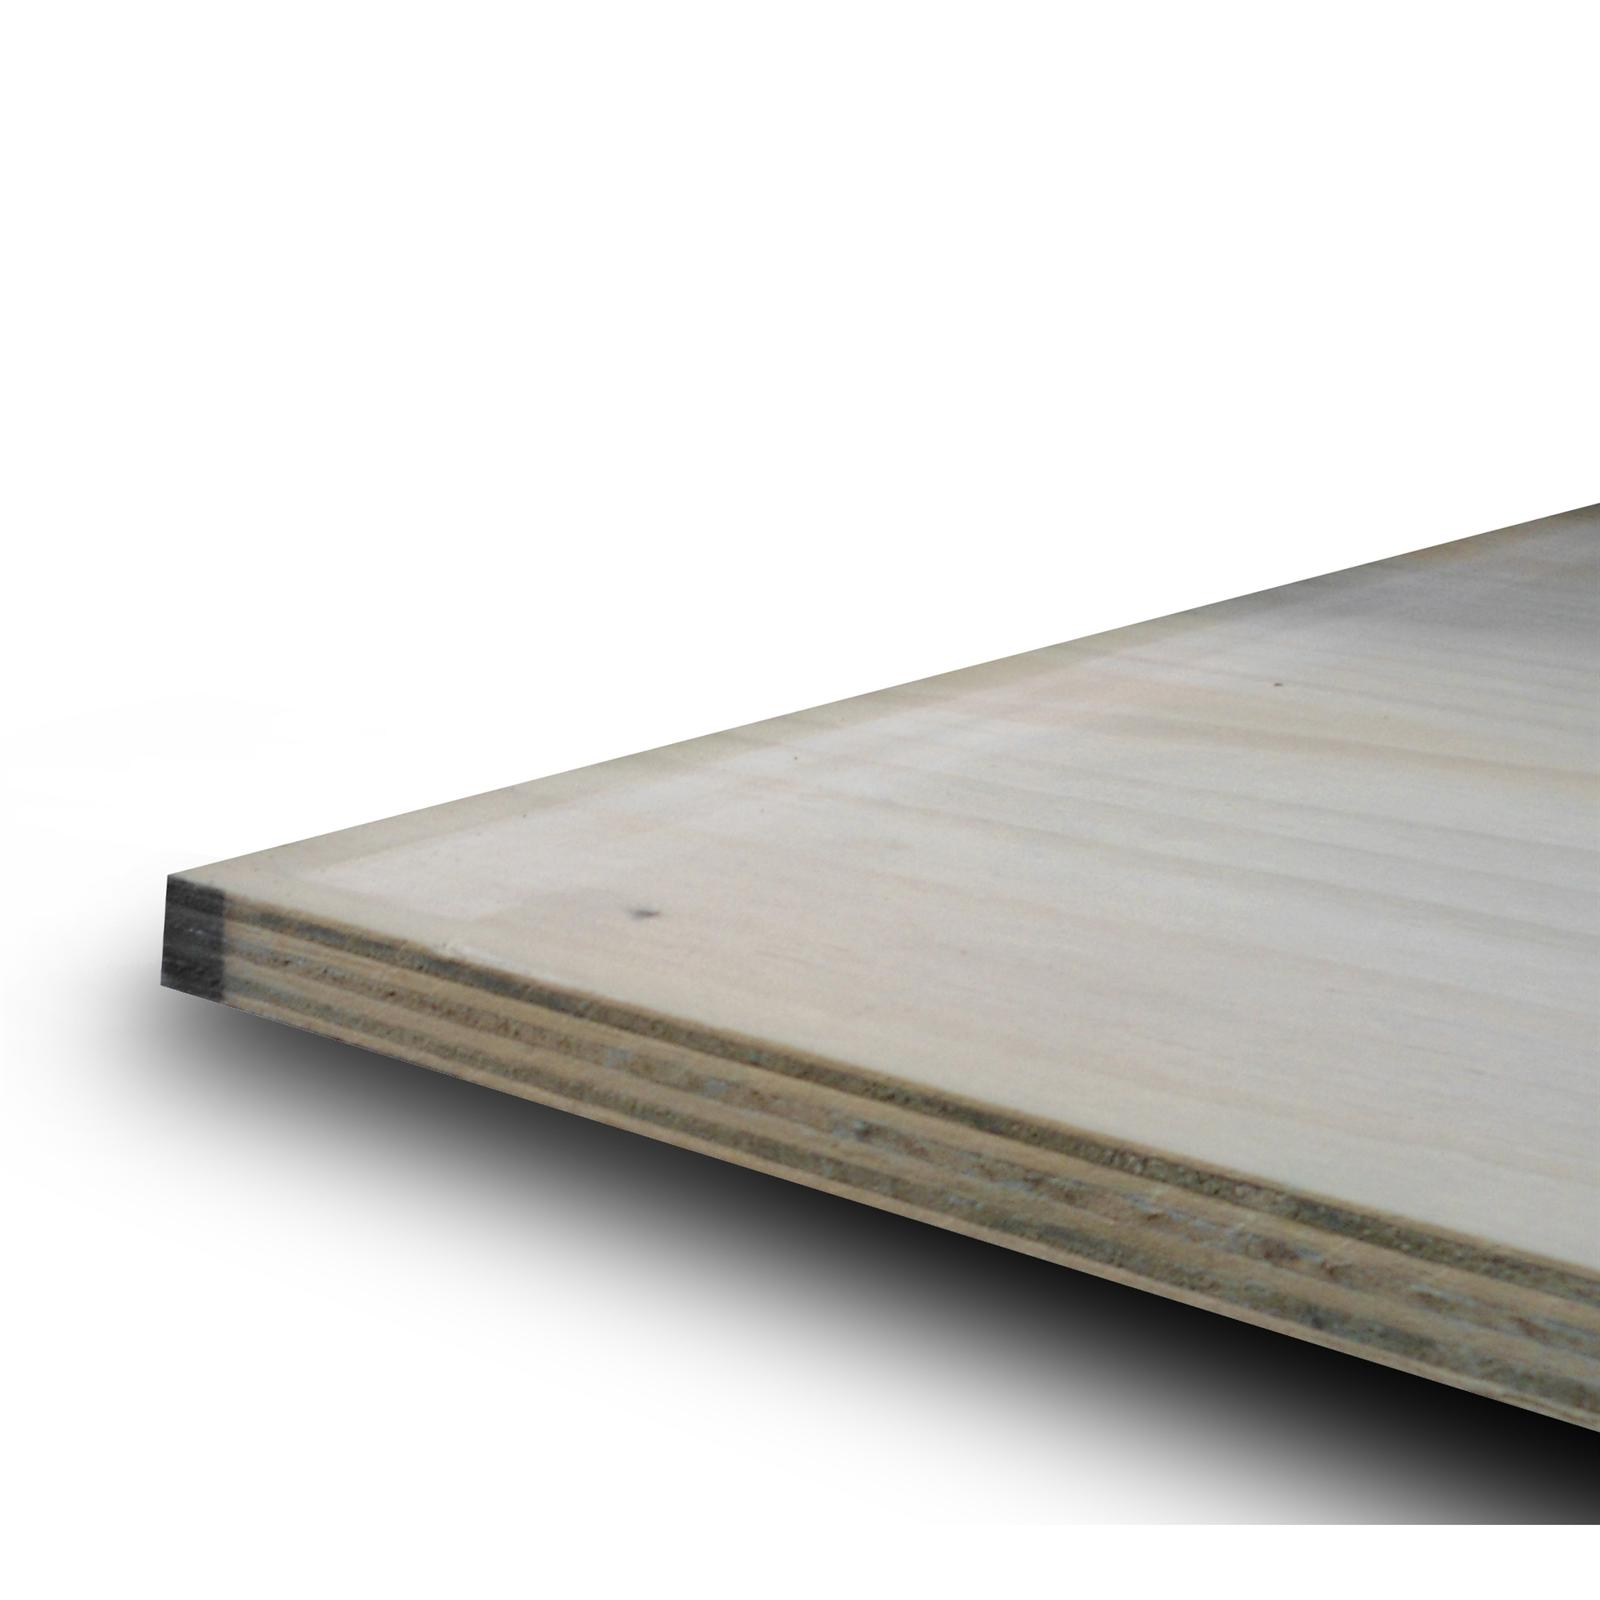 IBS Mini Panels 1200 x 600 x 18mm H3.2 Plywood